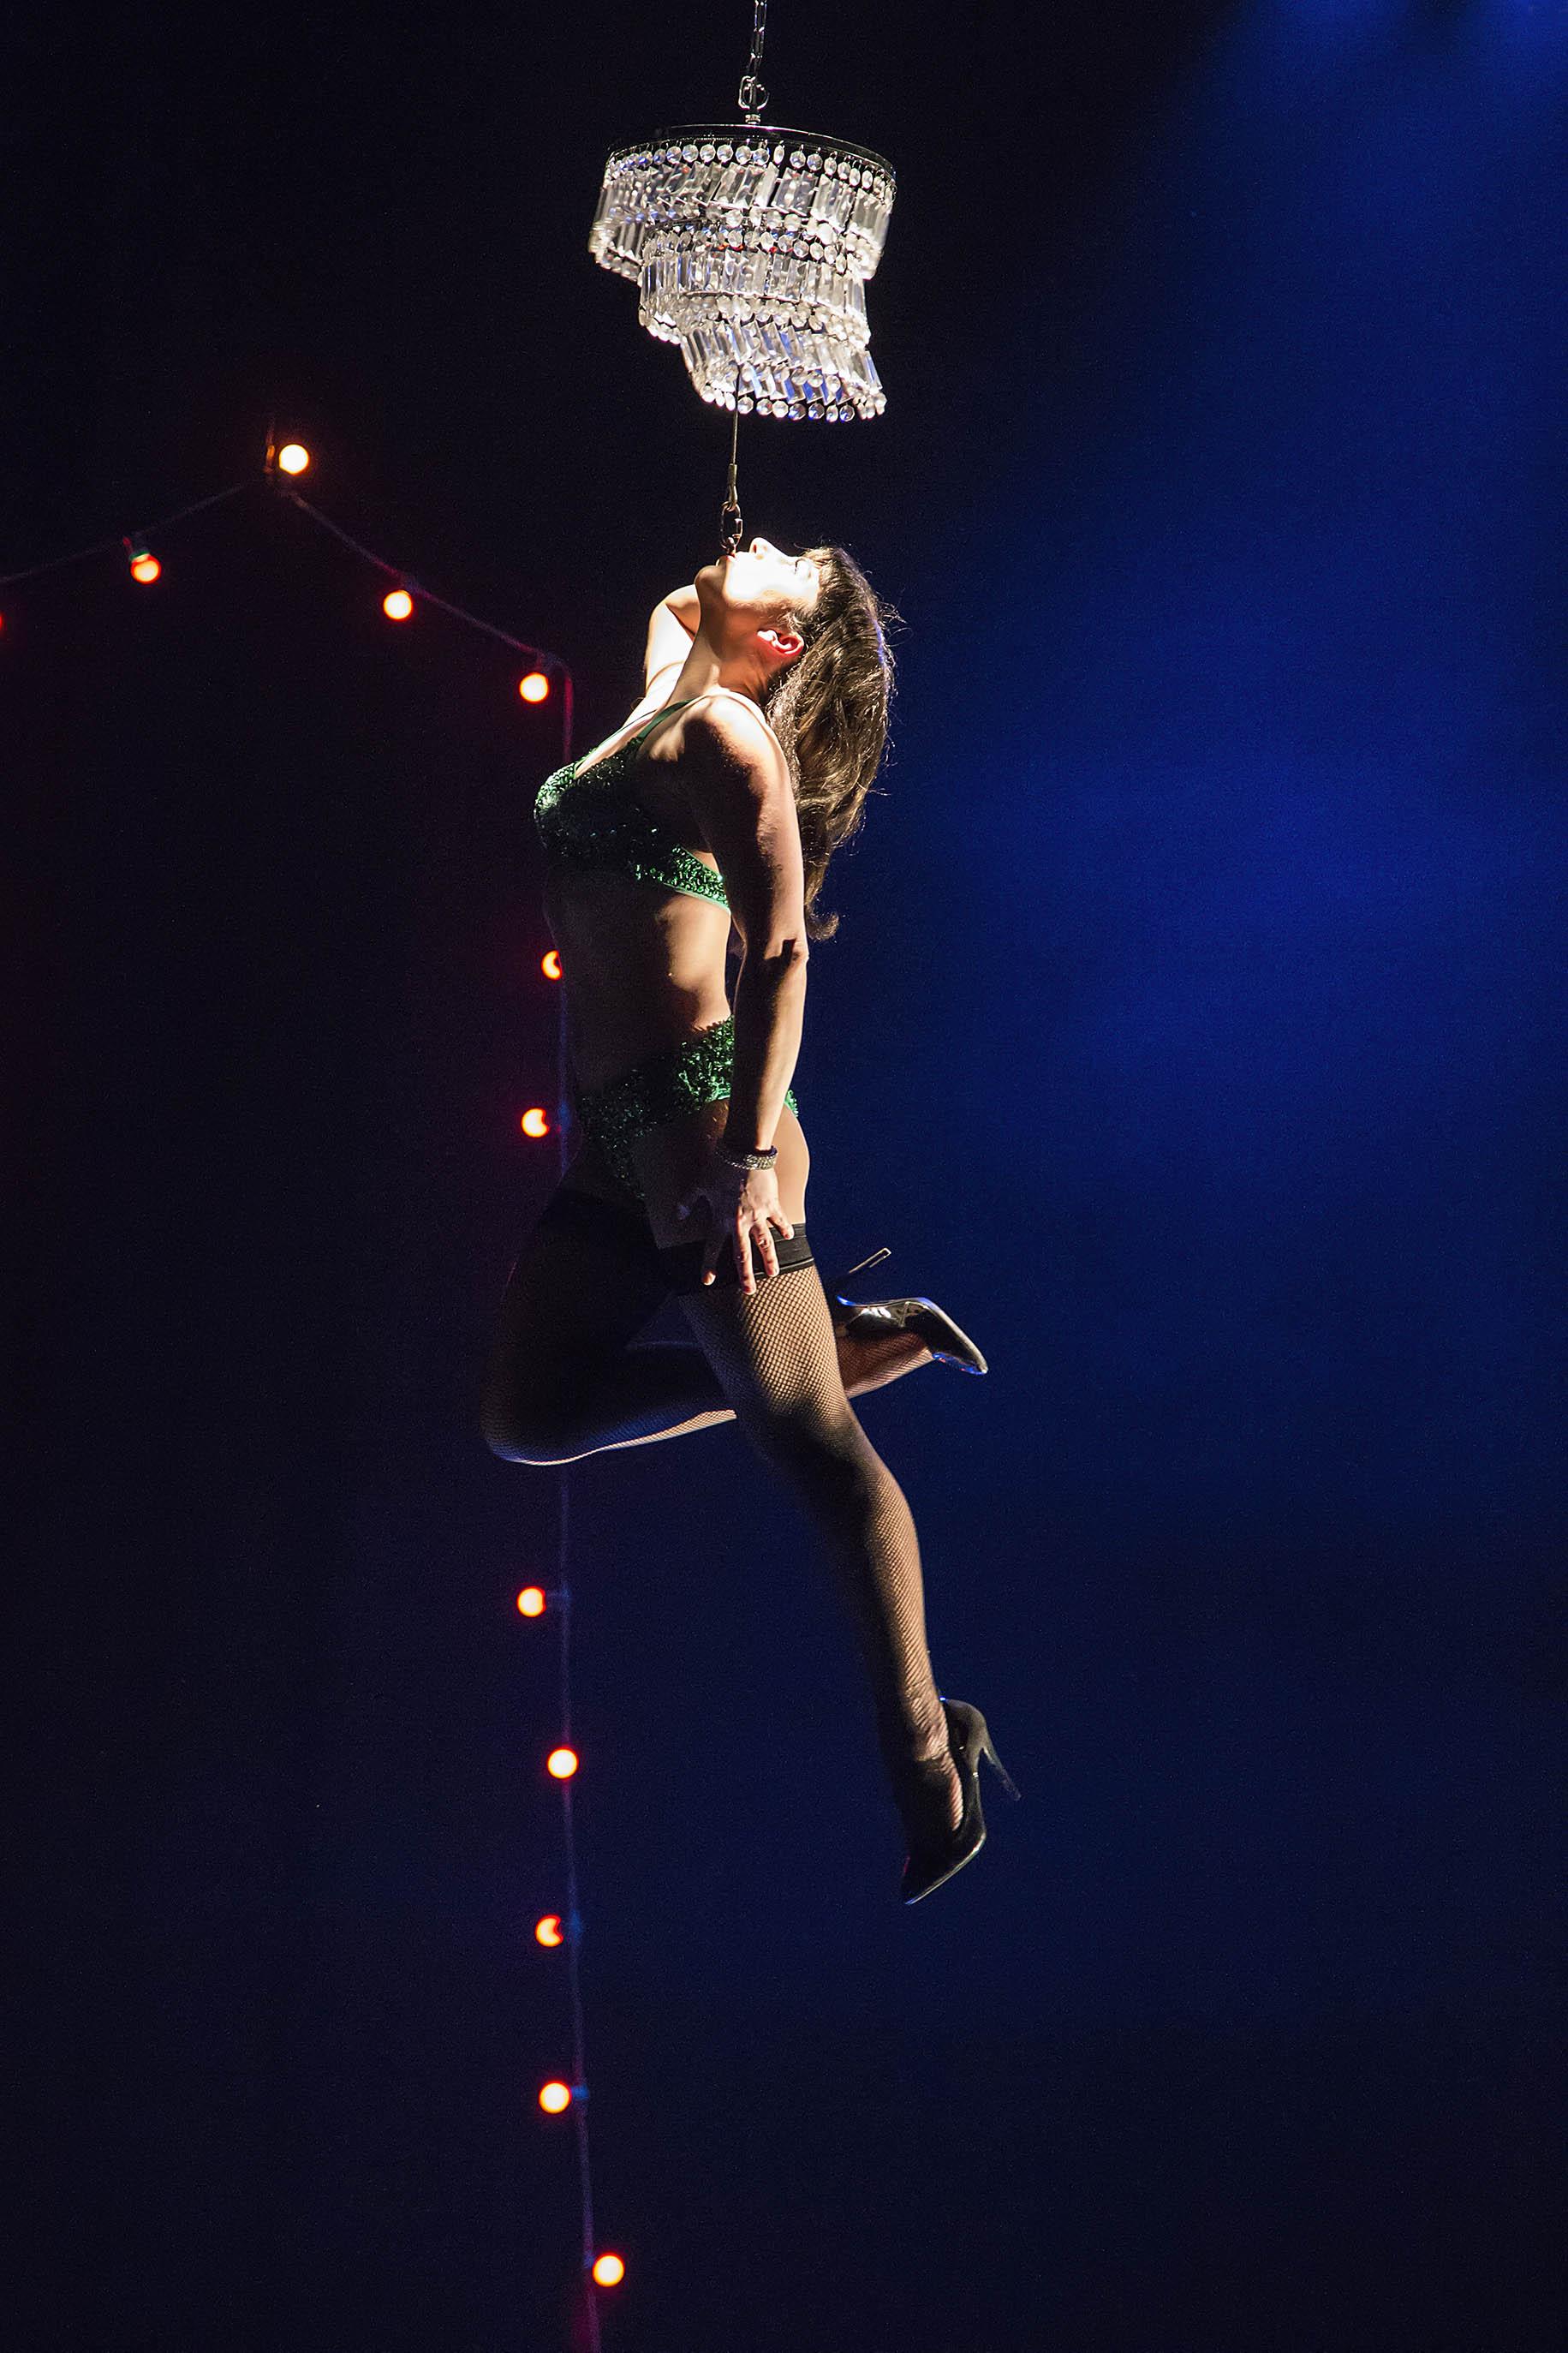 Original's Maria Dolores & Fils Cabaret vendredi 6 avril aux Sables d'Olonne